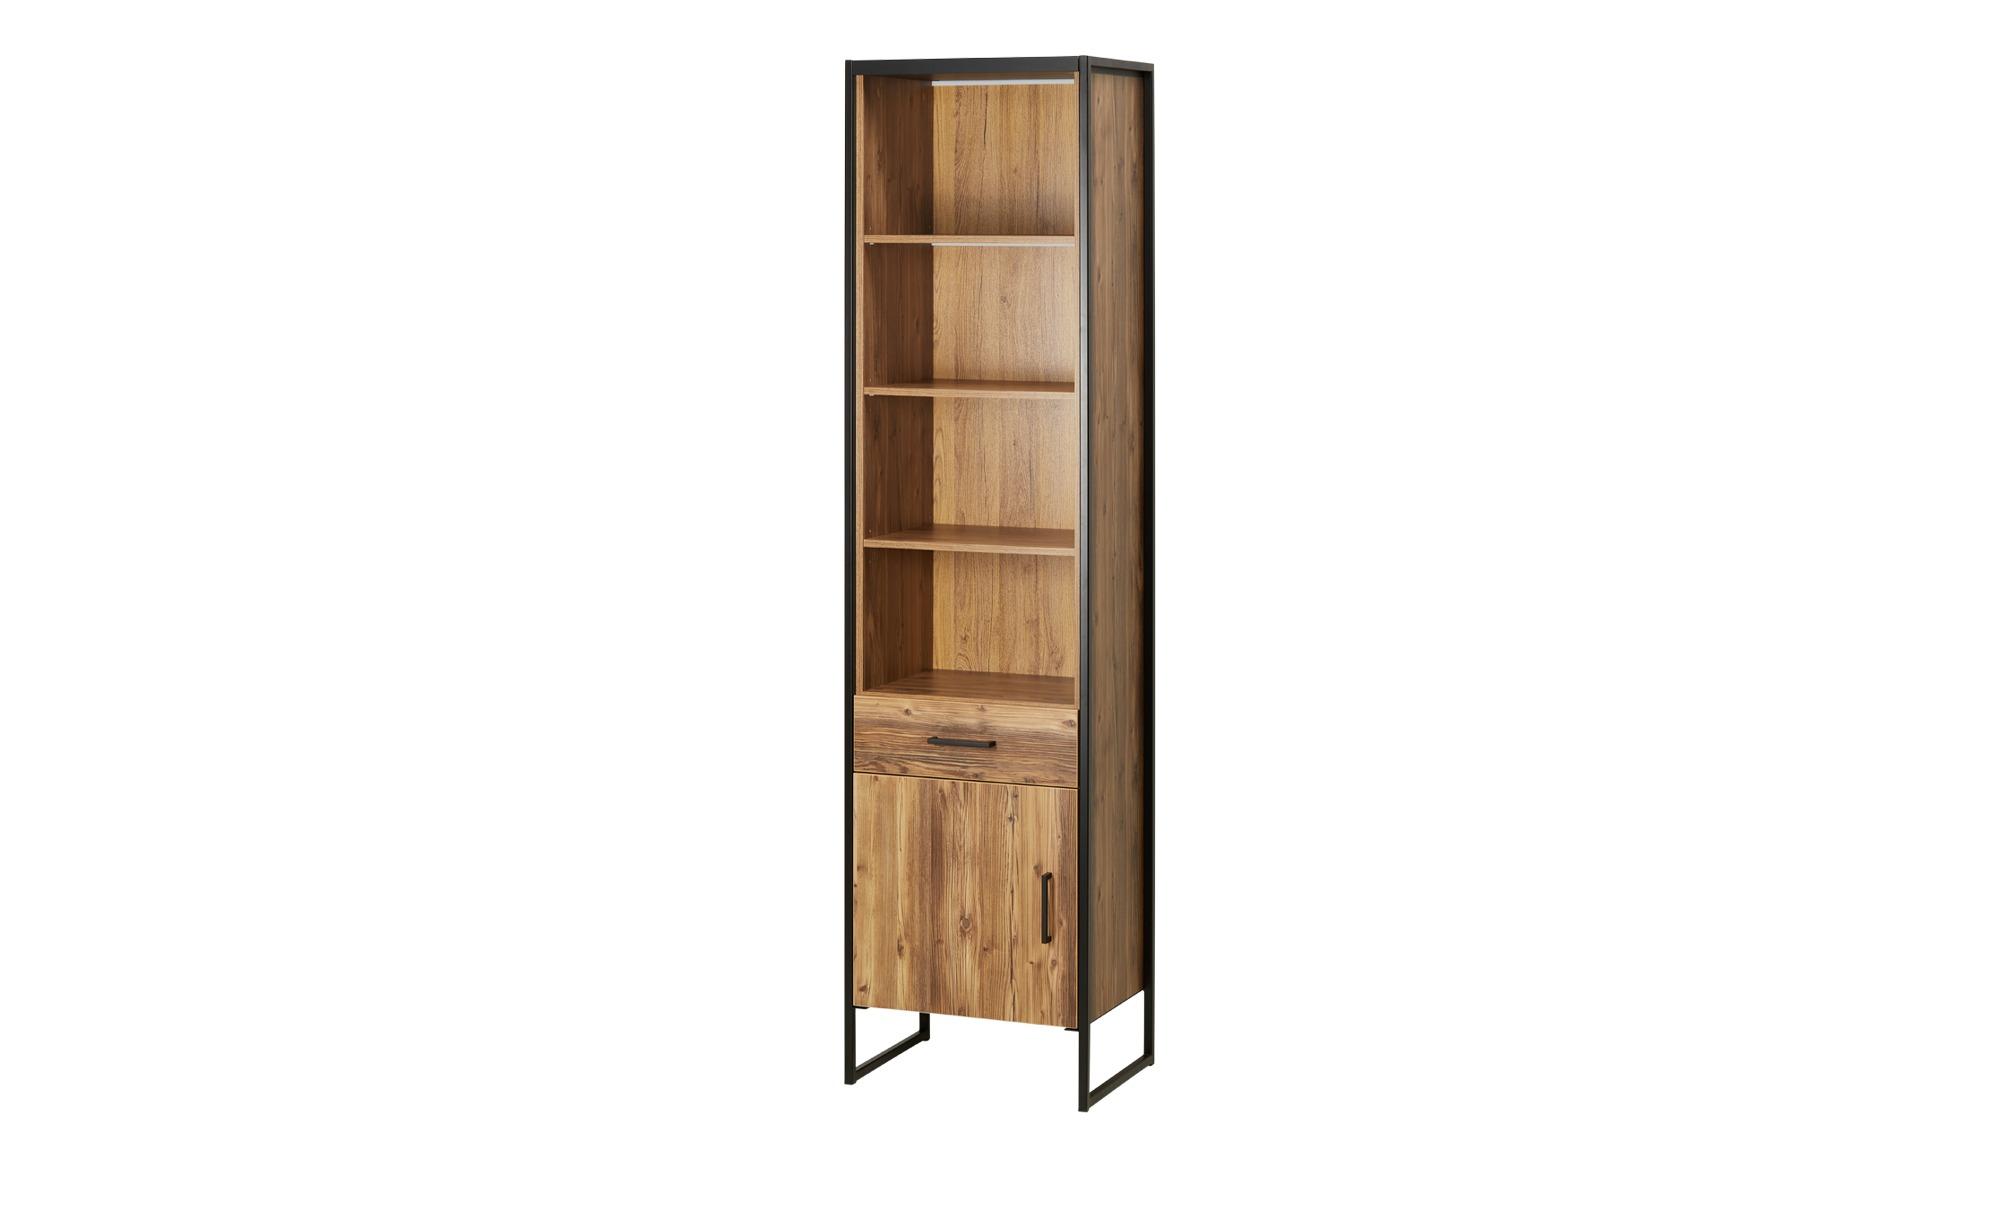 Regal - holzfarben - 54 cm - 211 cm - 40 cm - Regale > Bücherregale - Möbel Kraft | Wohnzimmer > Regale | Möbel Kraft